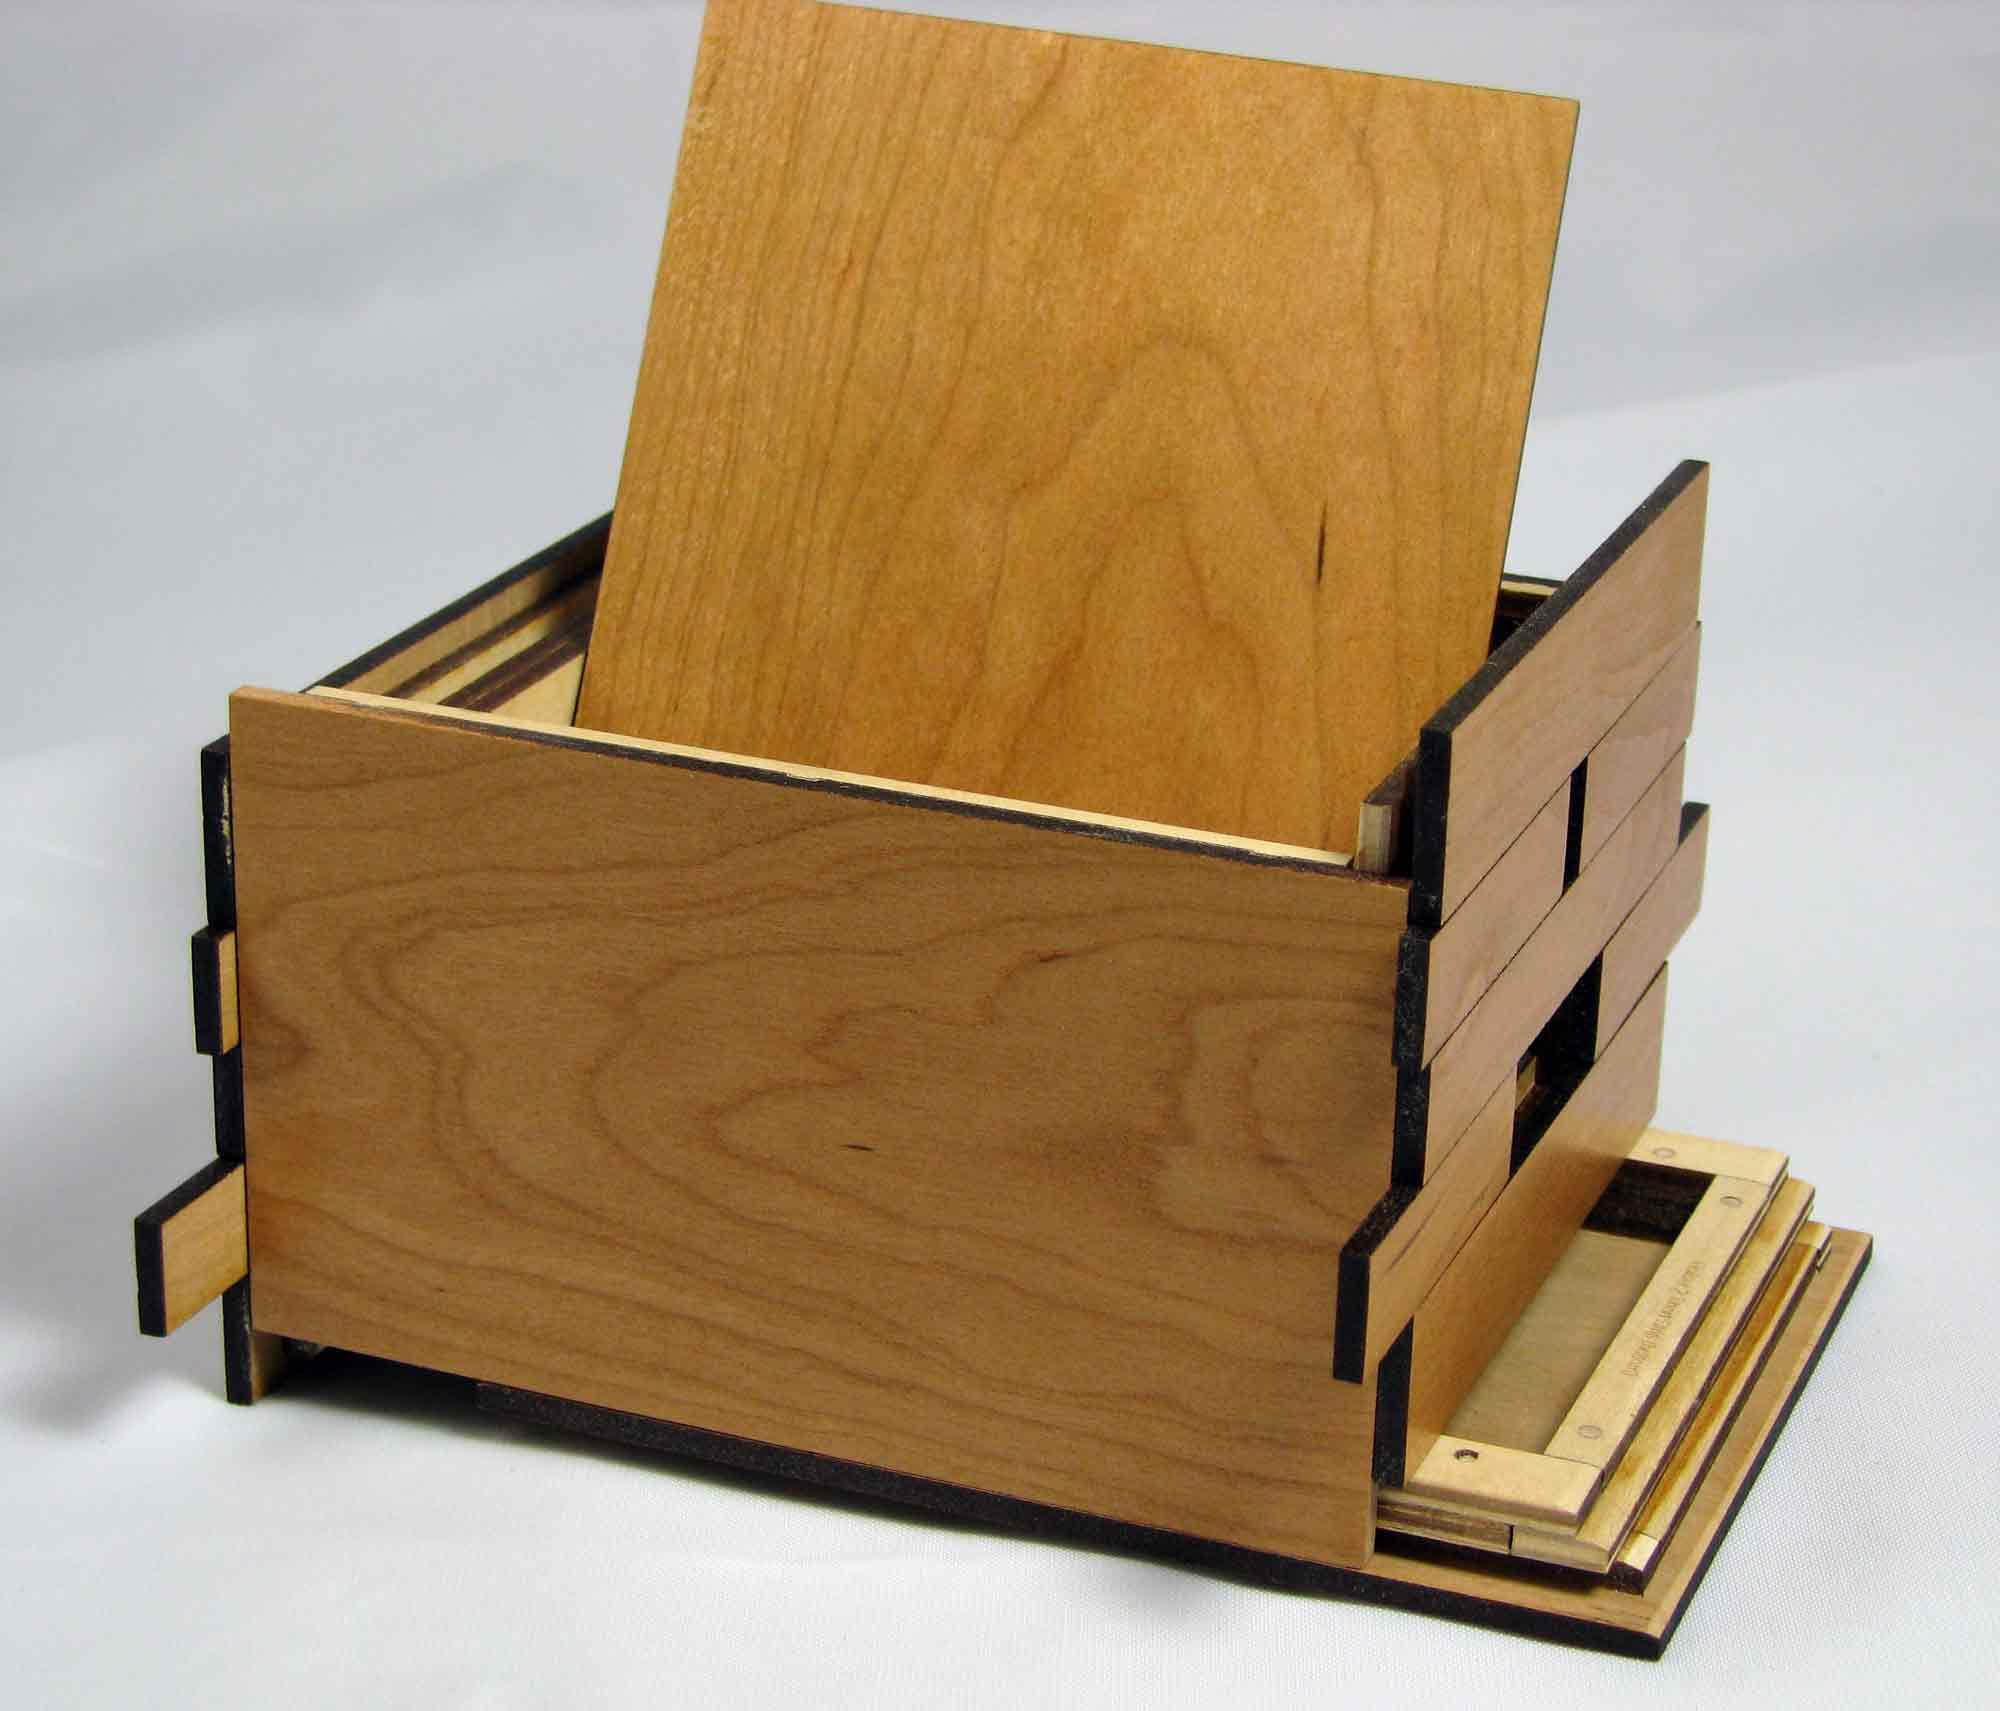 Wood Puzzle Plans Box